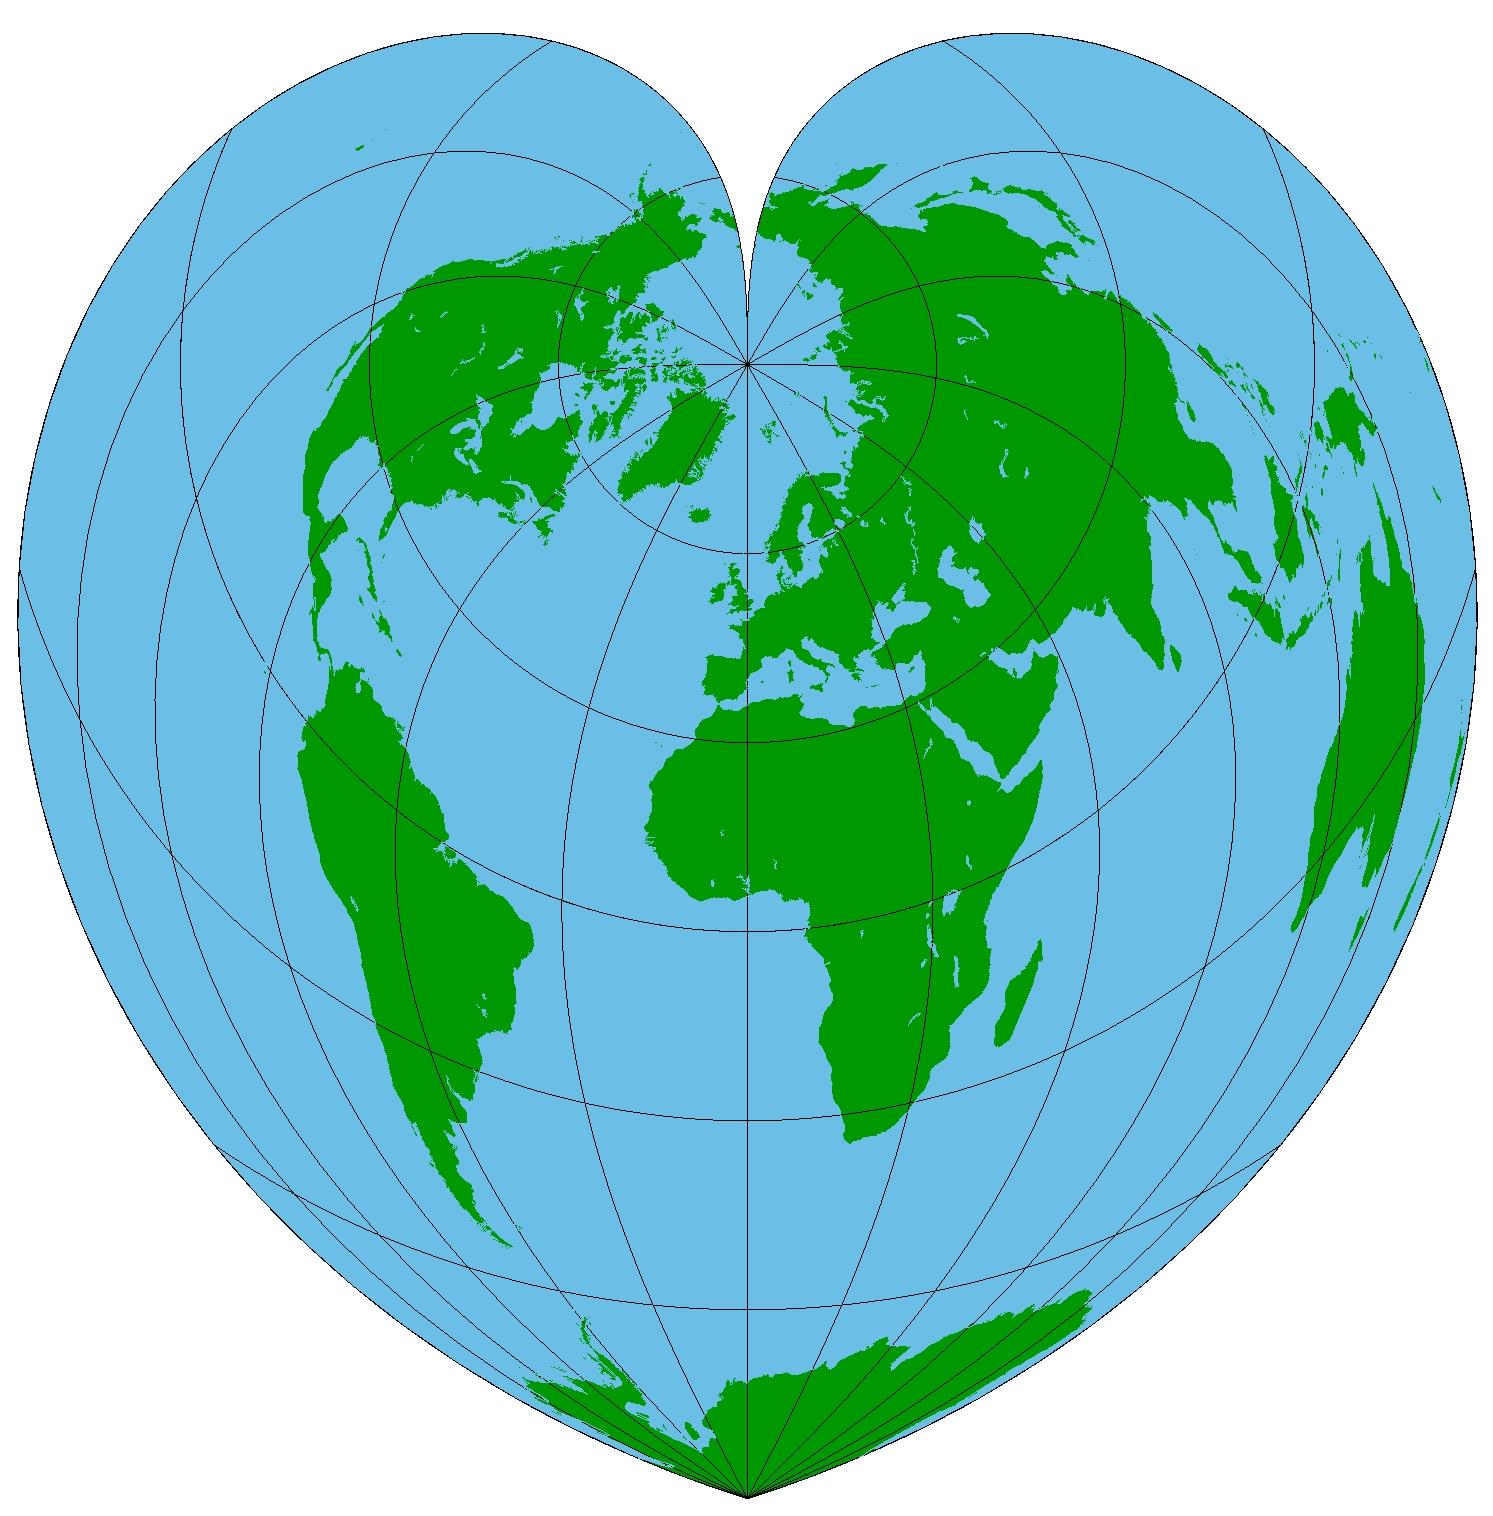 Memahami Teknik Proyeksi Peta | Gurugeografi.id